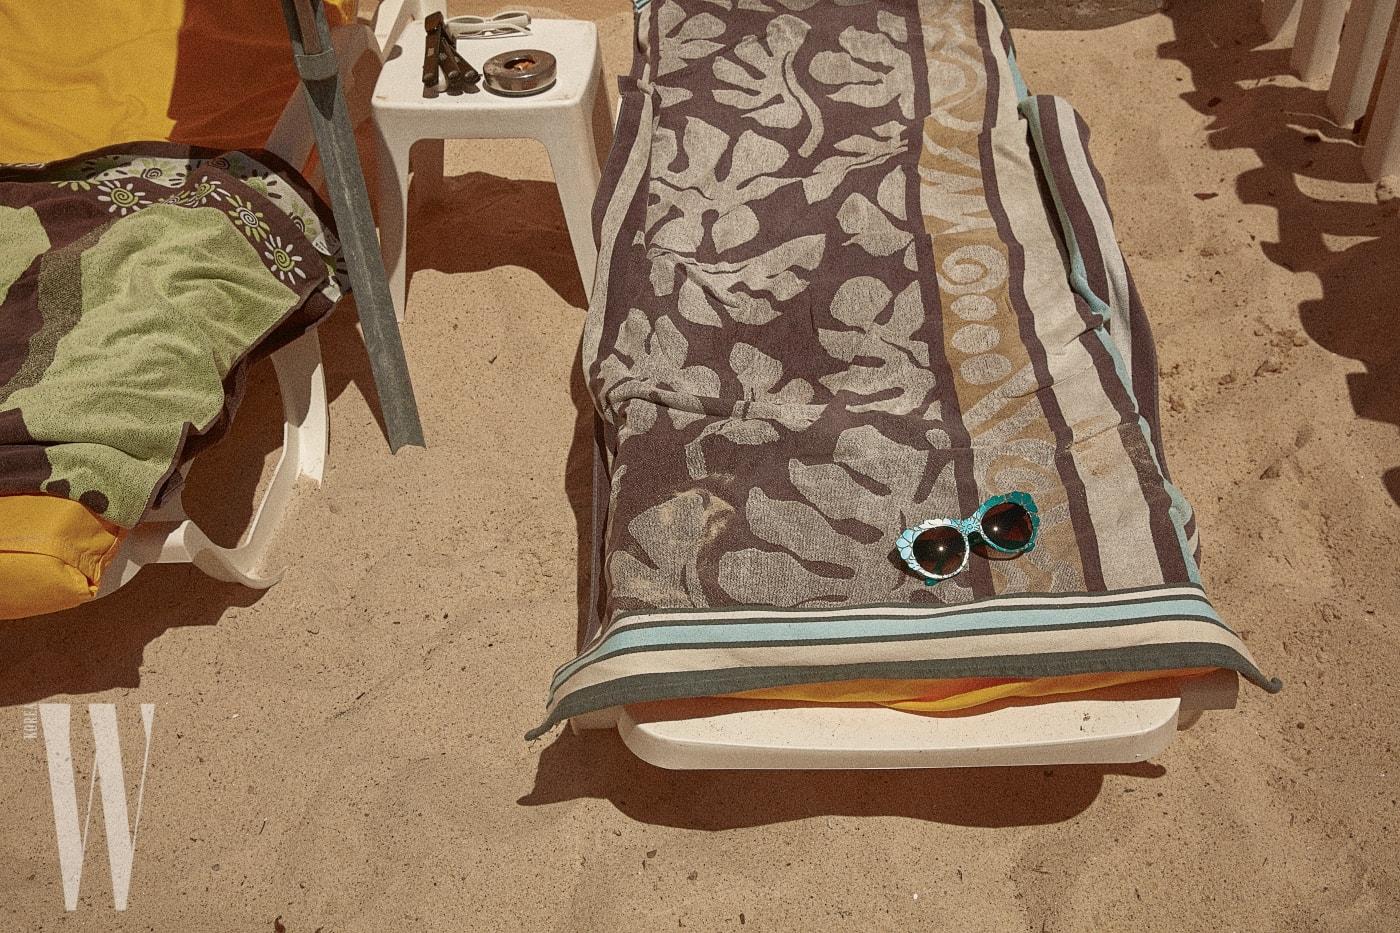 꽃 모양을 양각 처리한 선글라스는 돌체&가바나 by 룩소티카 제품. 40만원대.